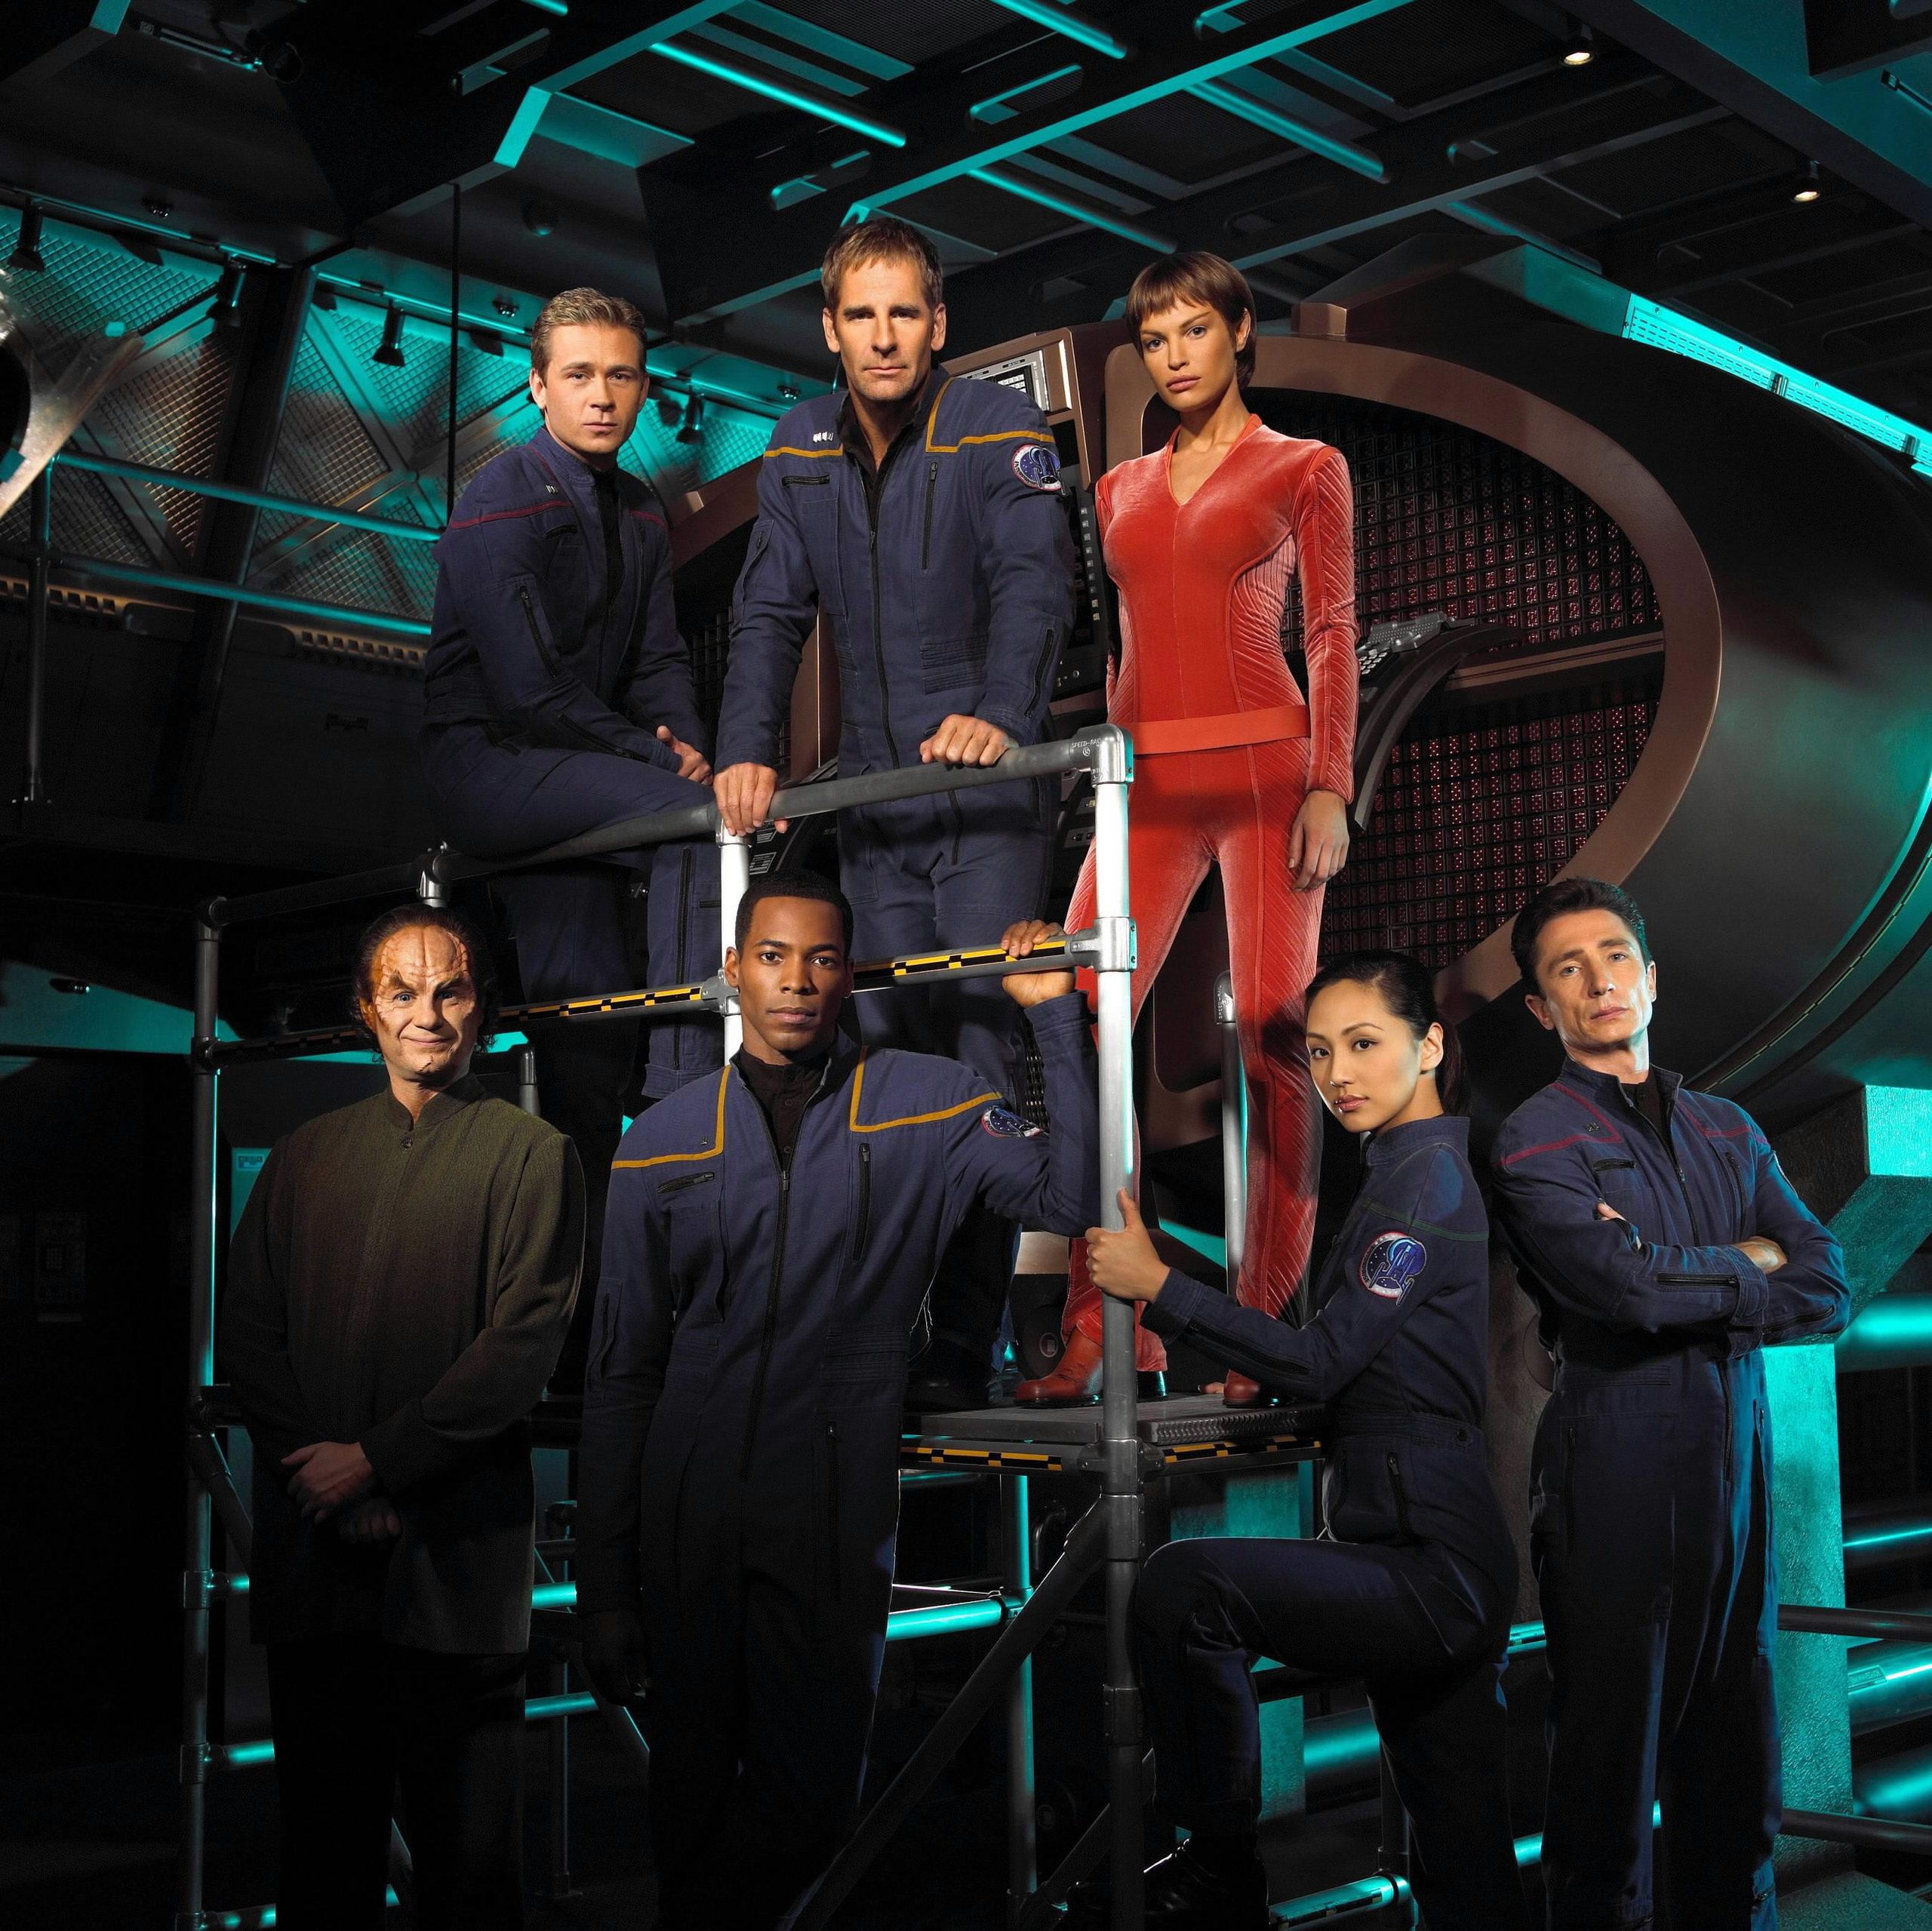 Star Trek Enterprise - Cast